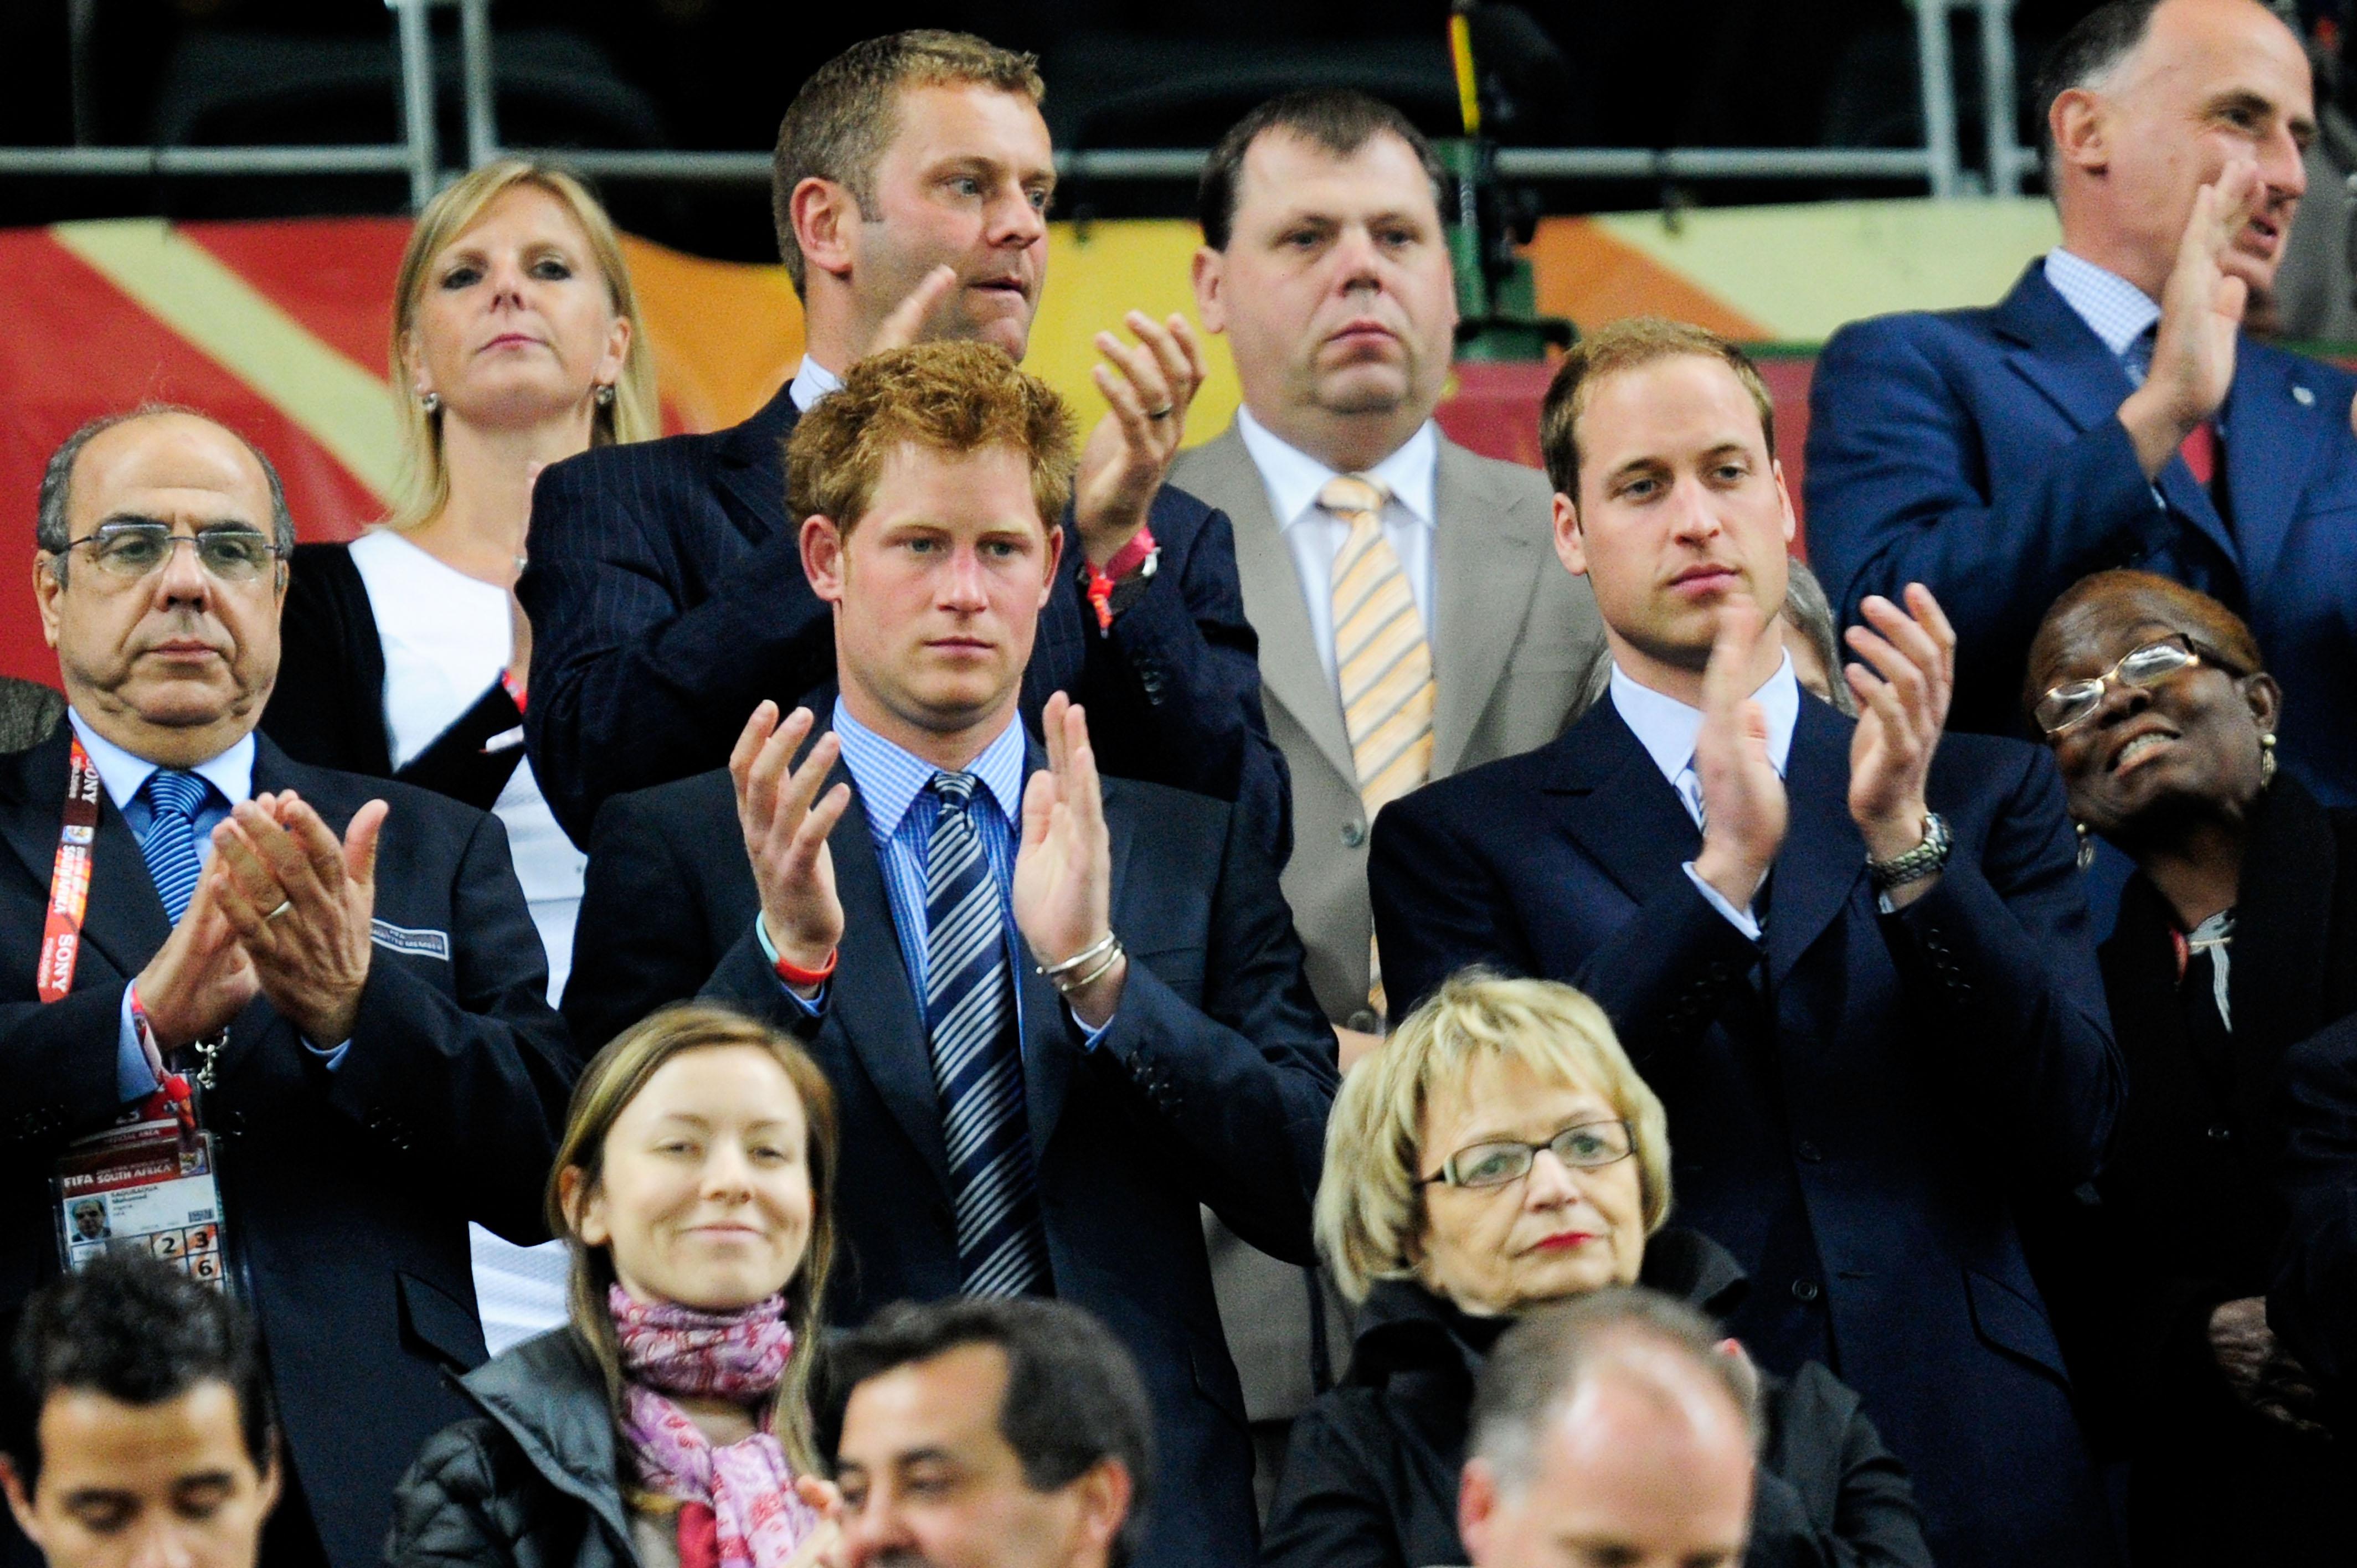 Principe William e Principe Harry assistem Inglaterra e Argelia na Copa do Mundo da Africa do Sul